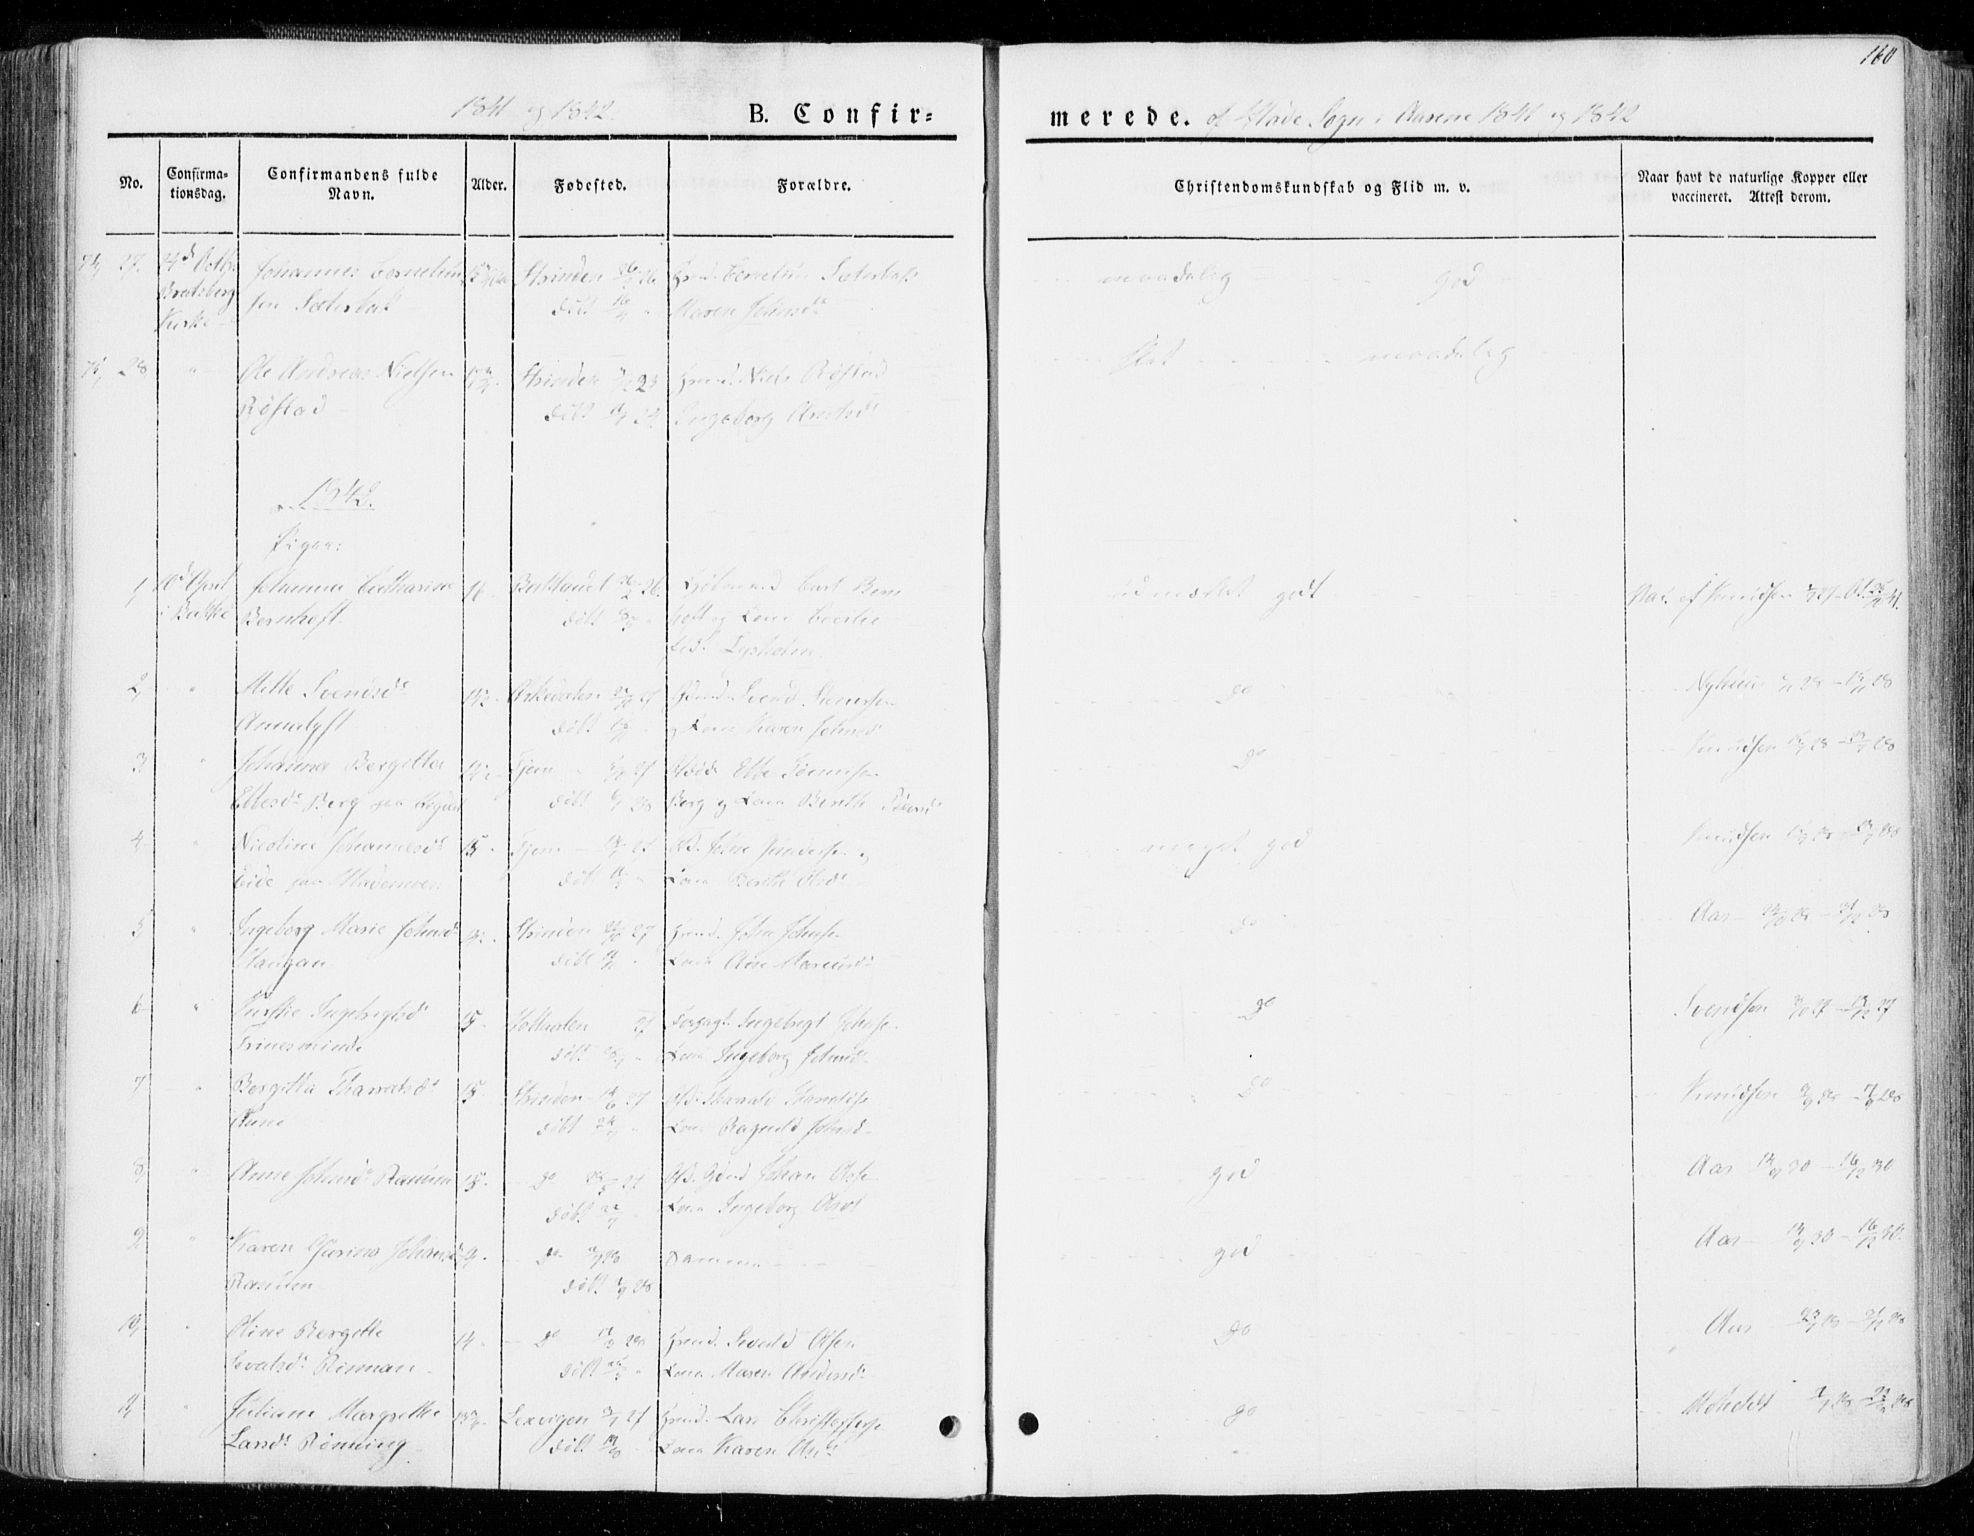 SAT, Ministerialprotokoller, klokkerbøker og fødselsregistre - Sør-Trøndelag, 606/L0290: Ministerialbok nr. 606A05, 1841-1847, s. 160